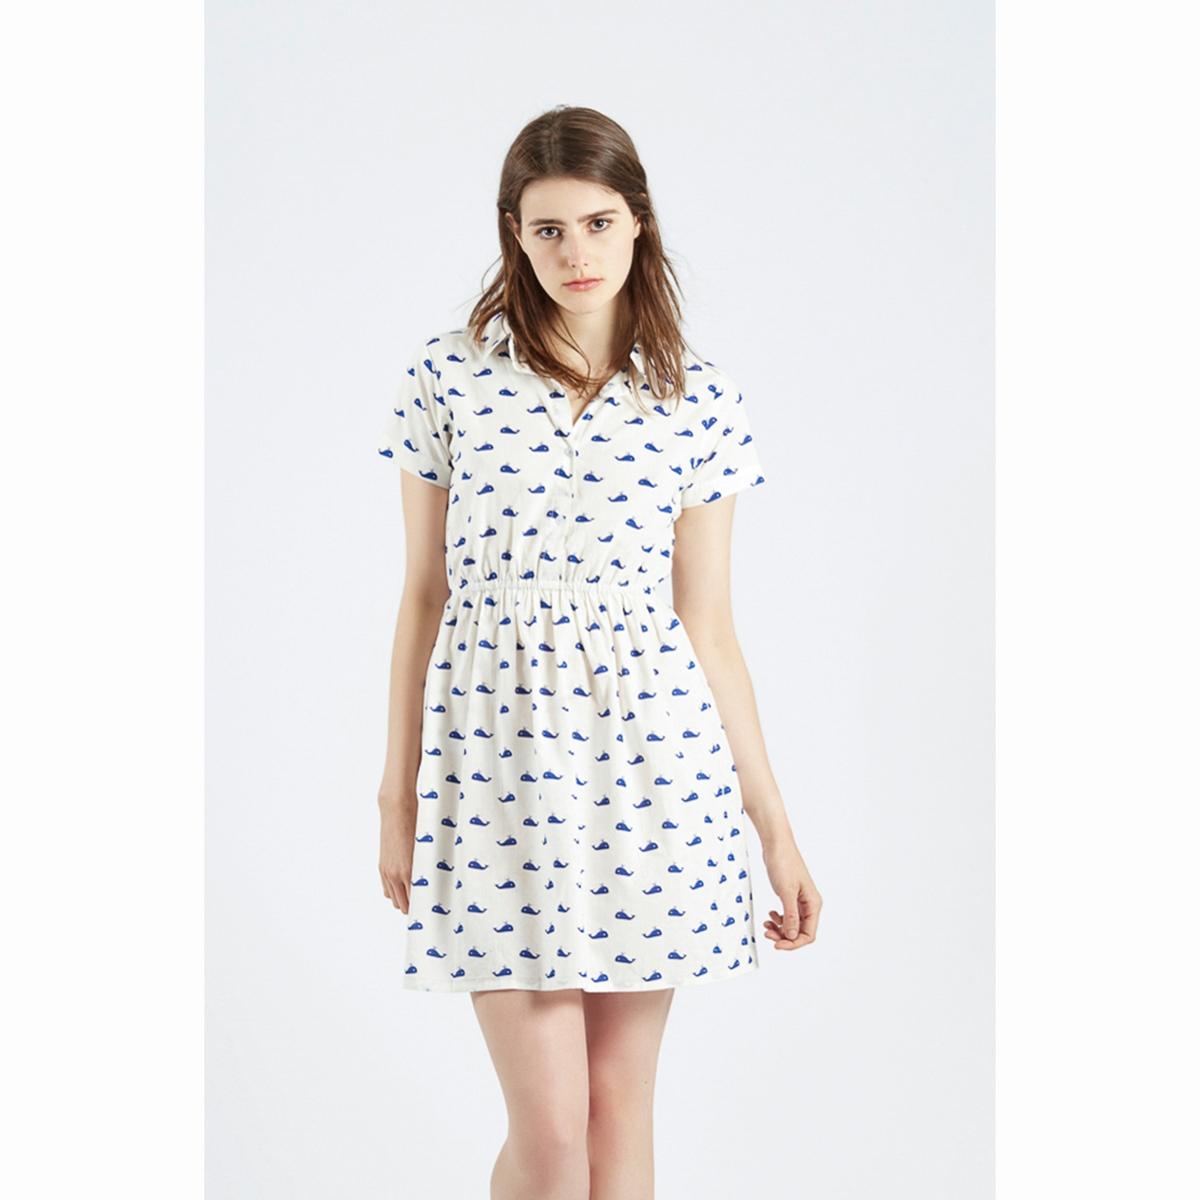 Платье с рисунком Vestido AslaugСостав и описаниеМатериалы : 100% хлопокМарка : Compania FantasticaМодель : Vestido AslaugУходСледуйте рекомендациям по уходу, указанным на этикетке изделия.<br><br>Цвет: белый наб.рисунок<br>Размер: S